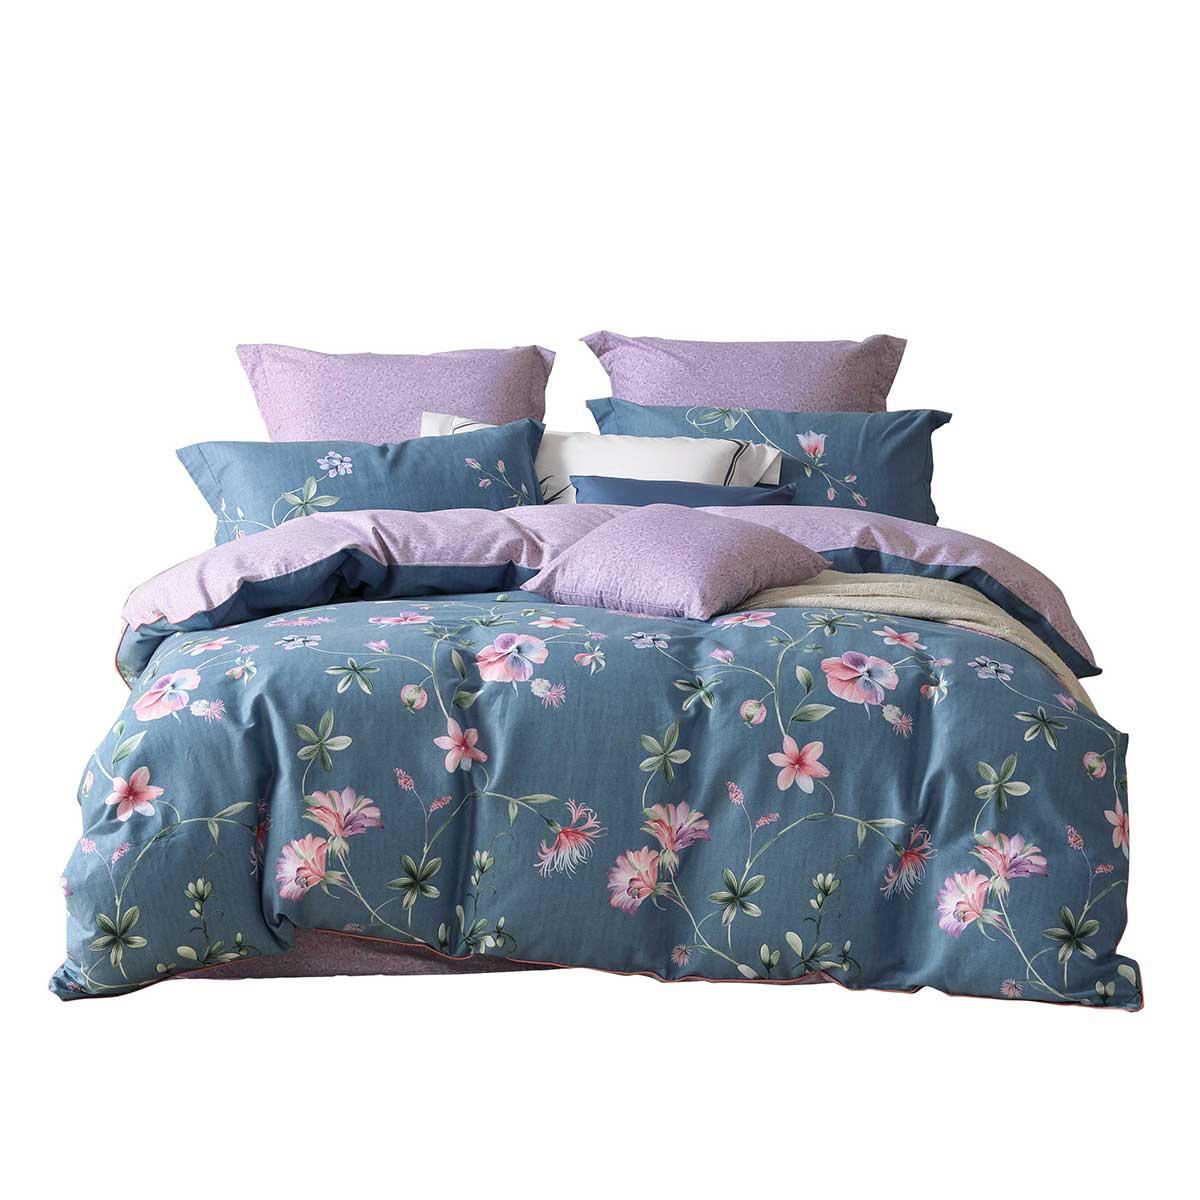 水星百丽丝家纺正品床上四件套全棉纯棉磨毛床单被套1.8m微风山谷